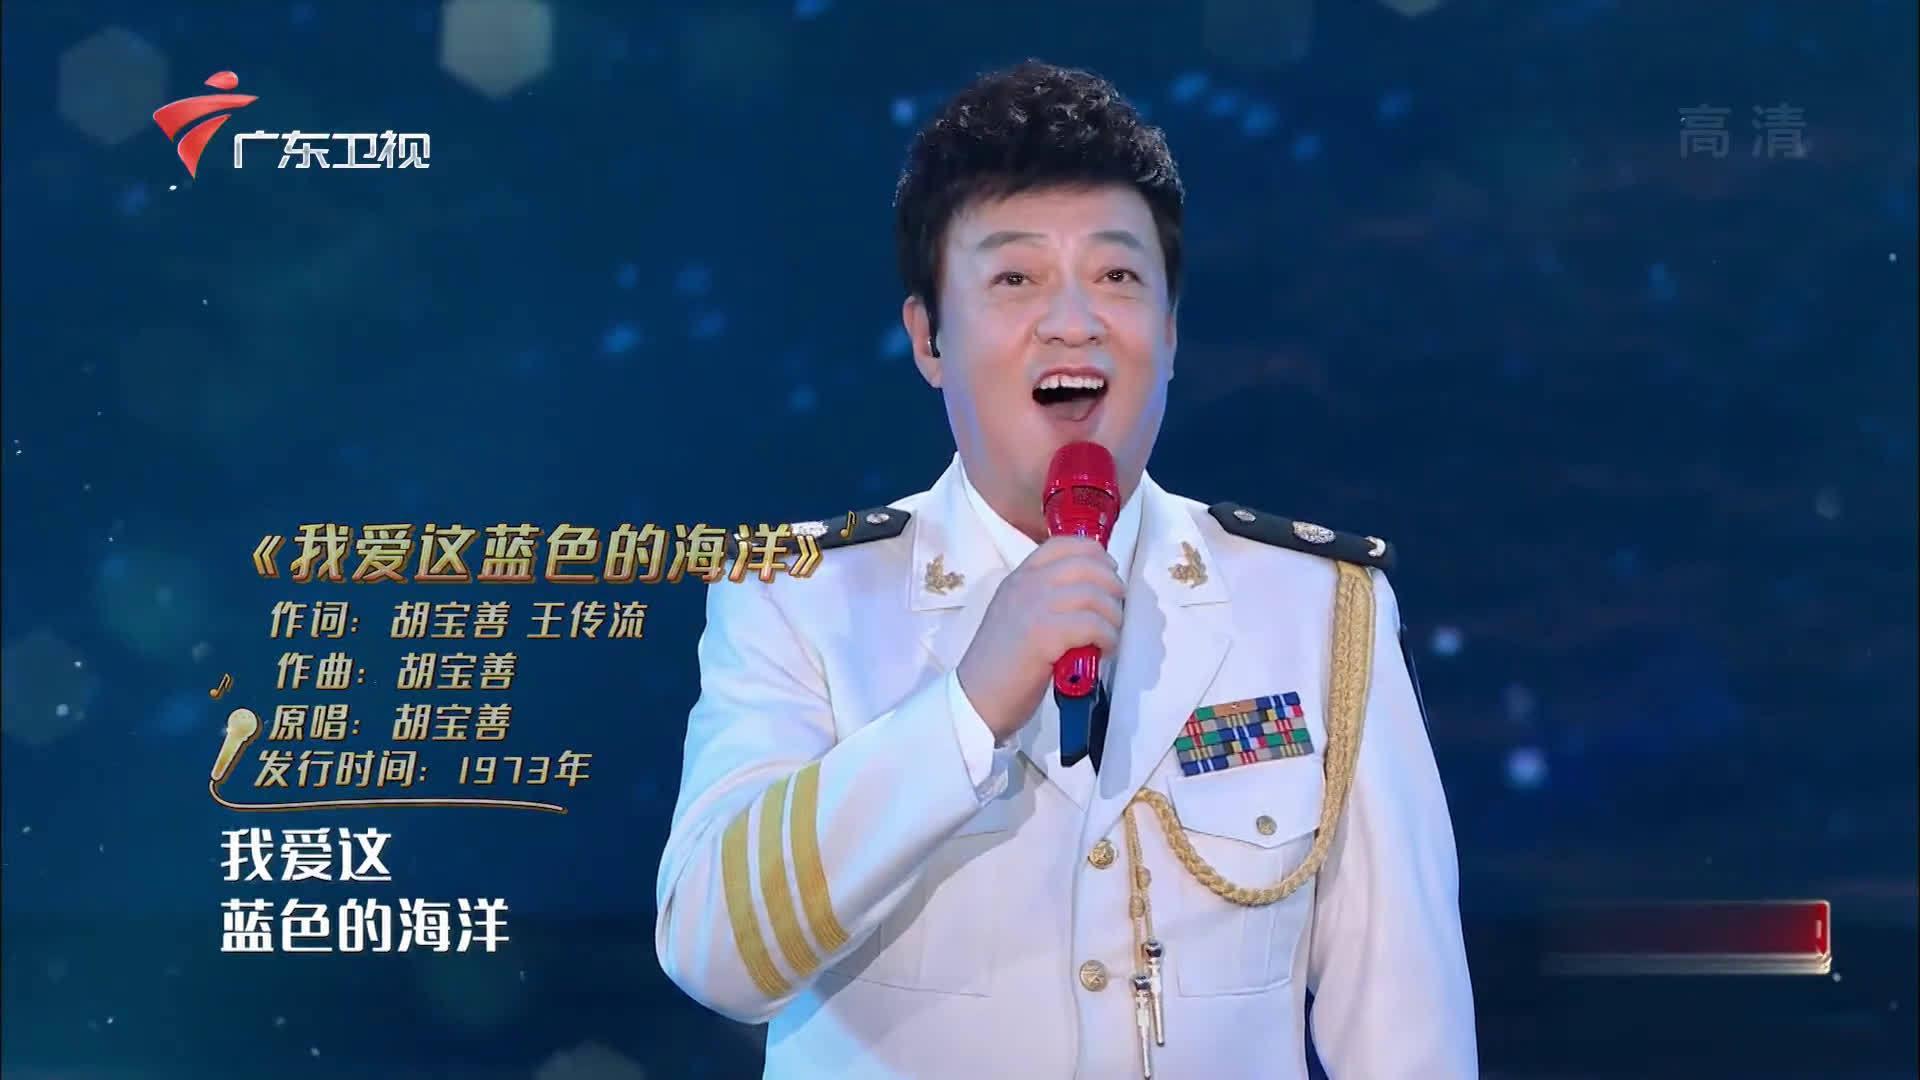 流淌:男高音吕继宏传承经典,一曲《我爱这蓝色的海洋》让人大赞